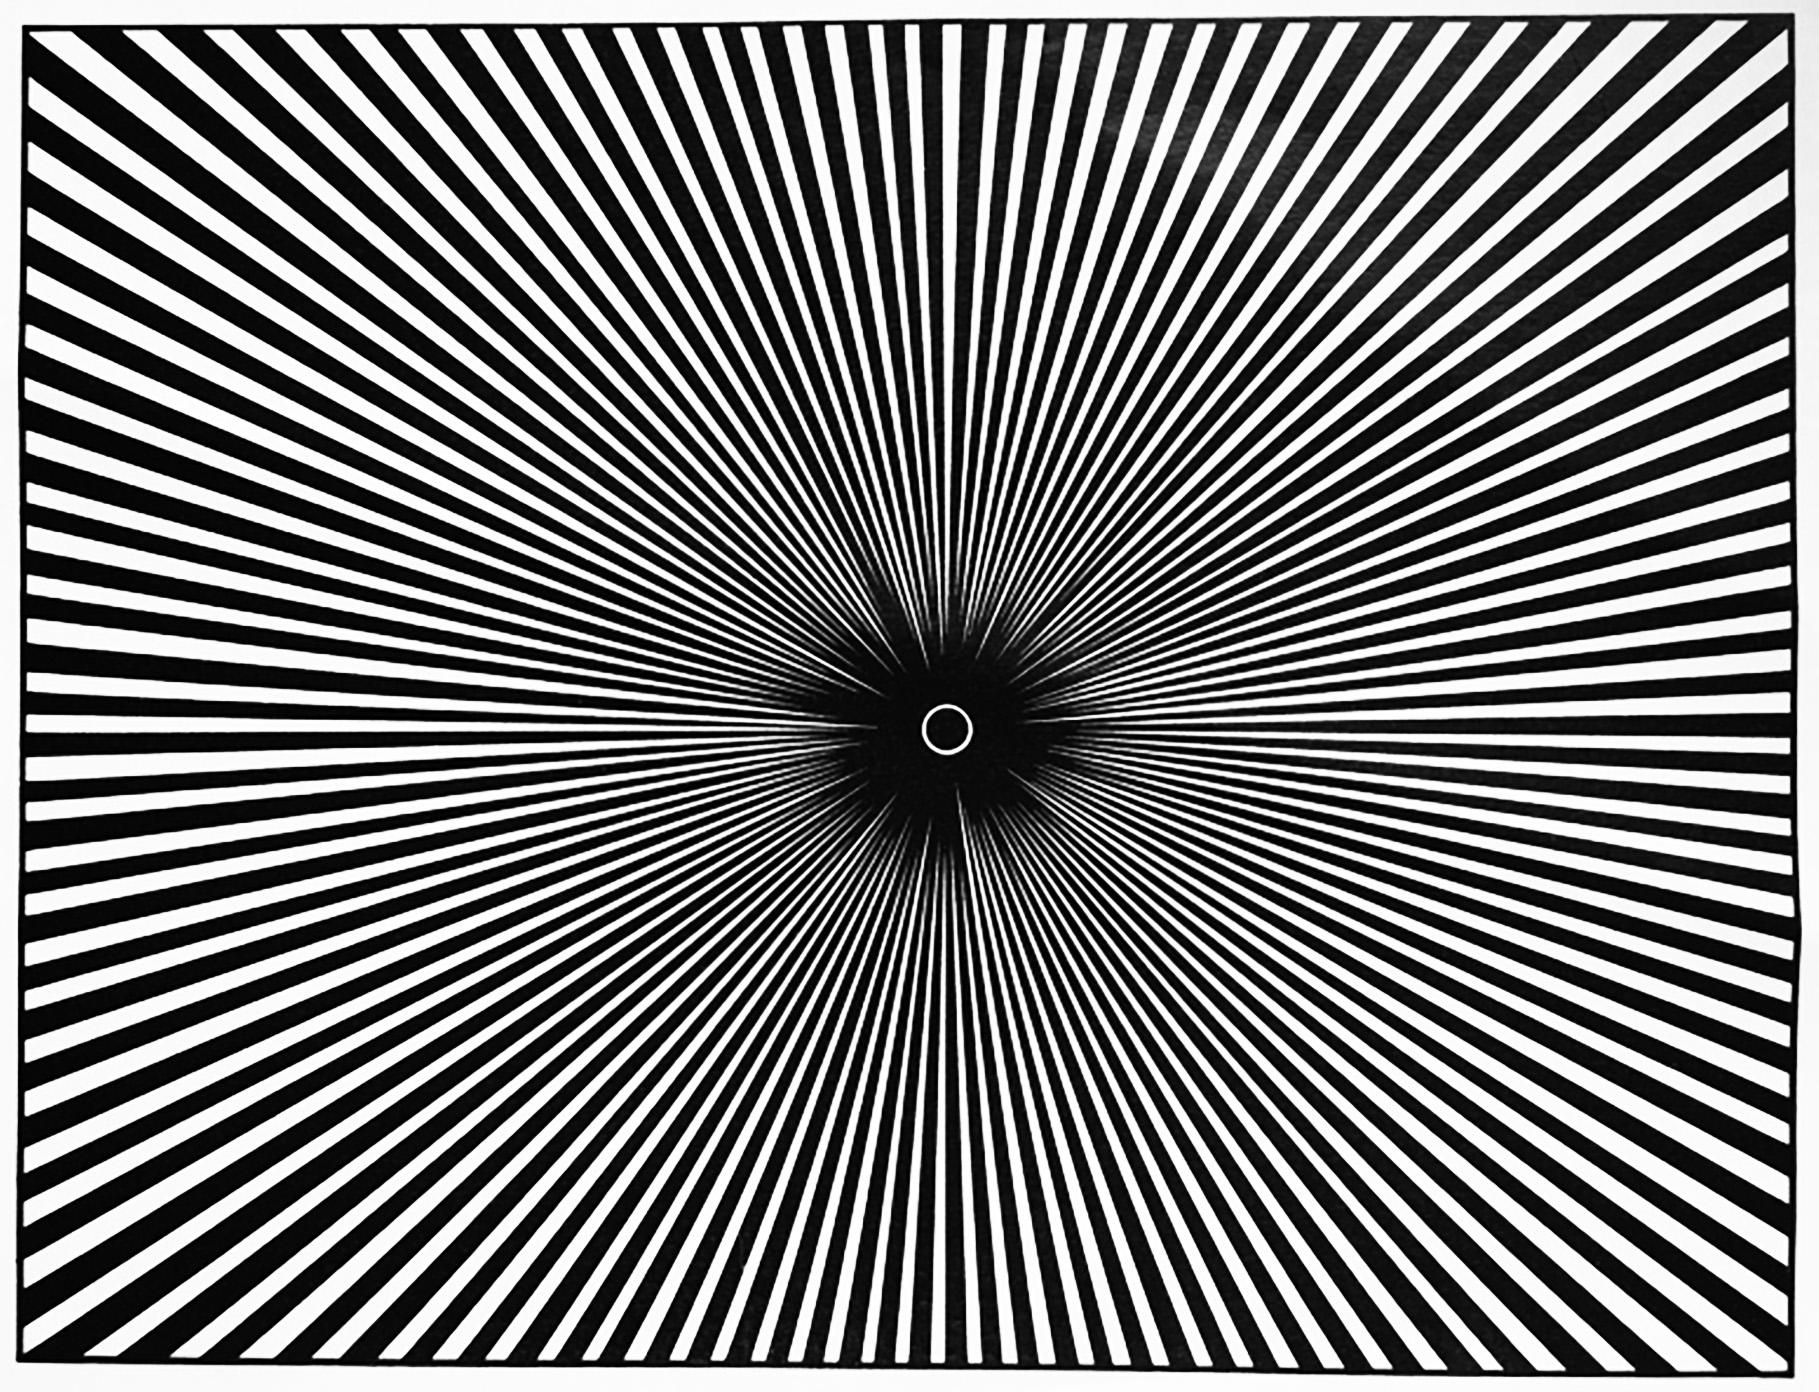 Un coloriage très hypnotique